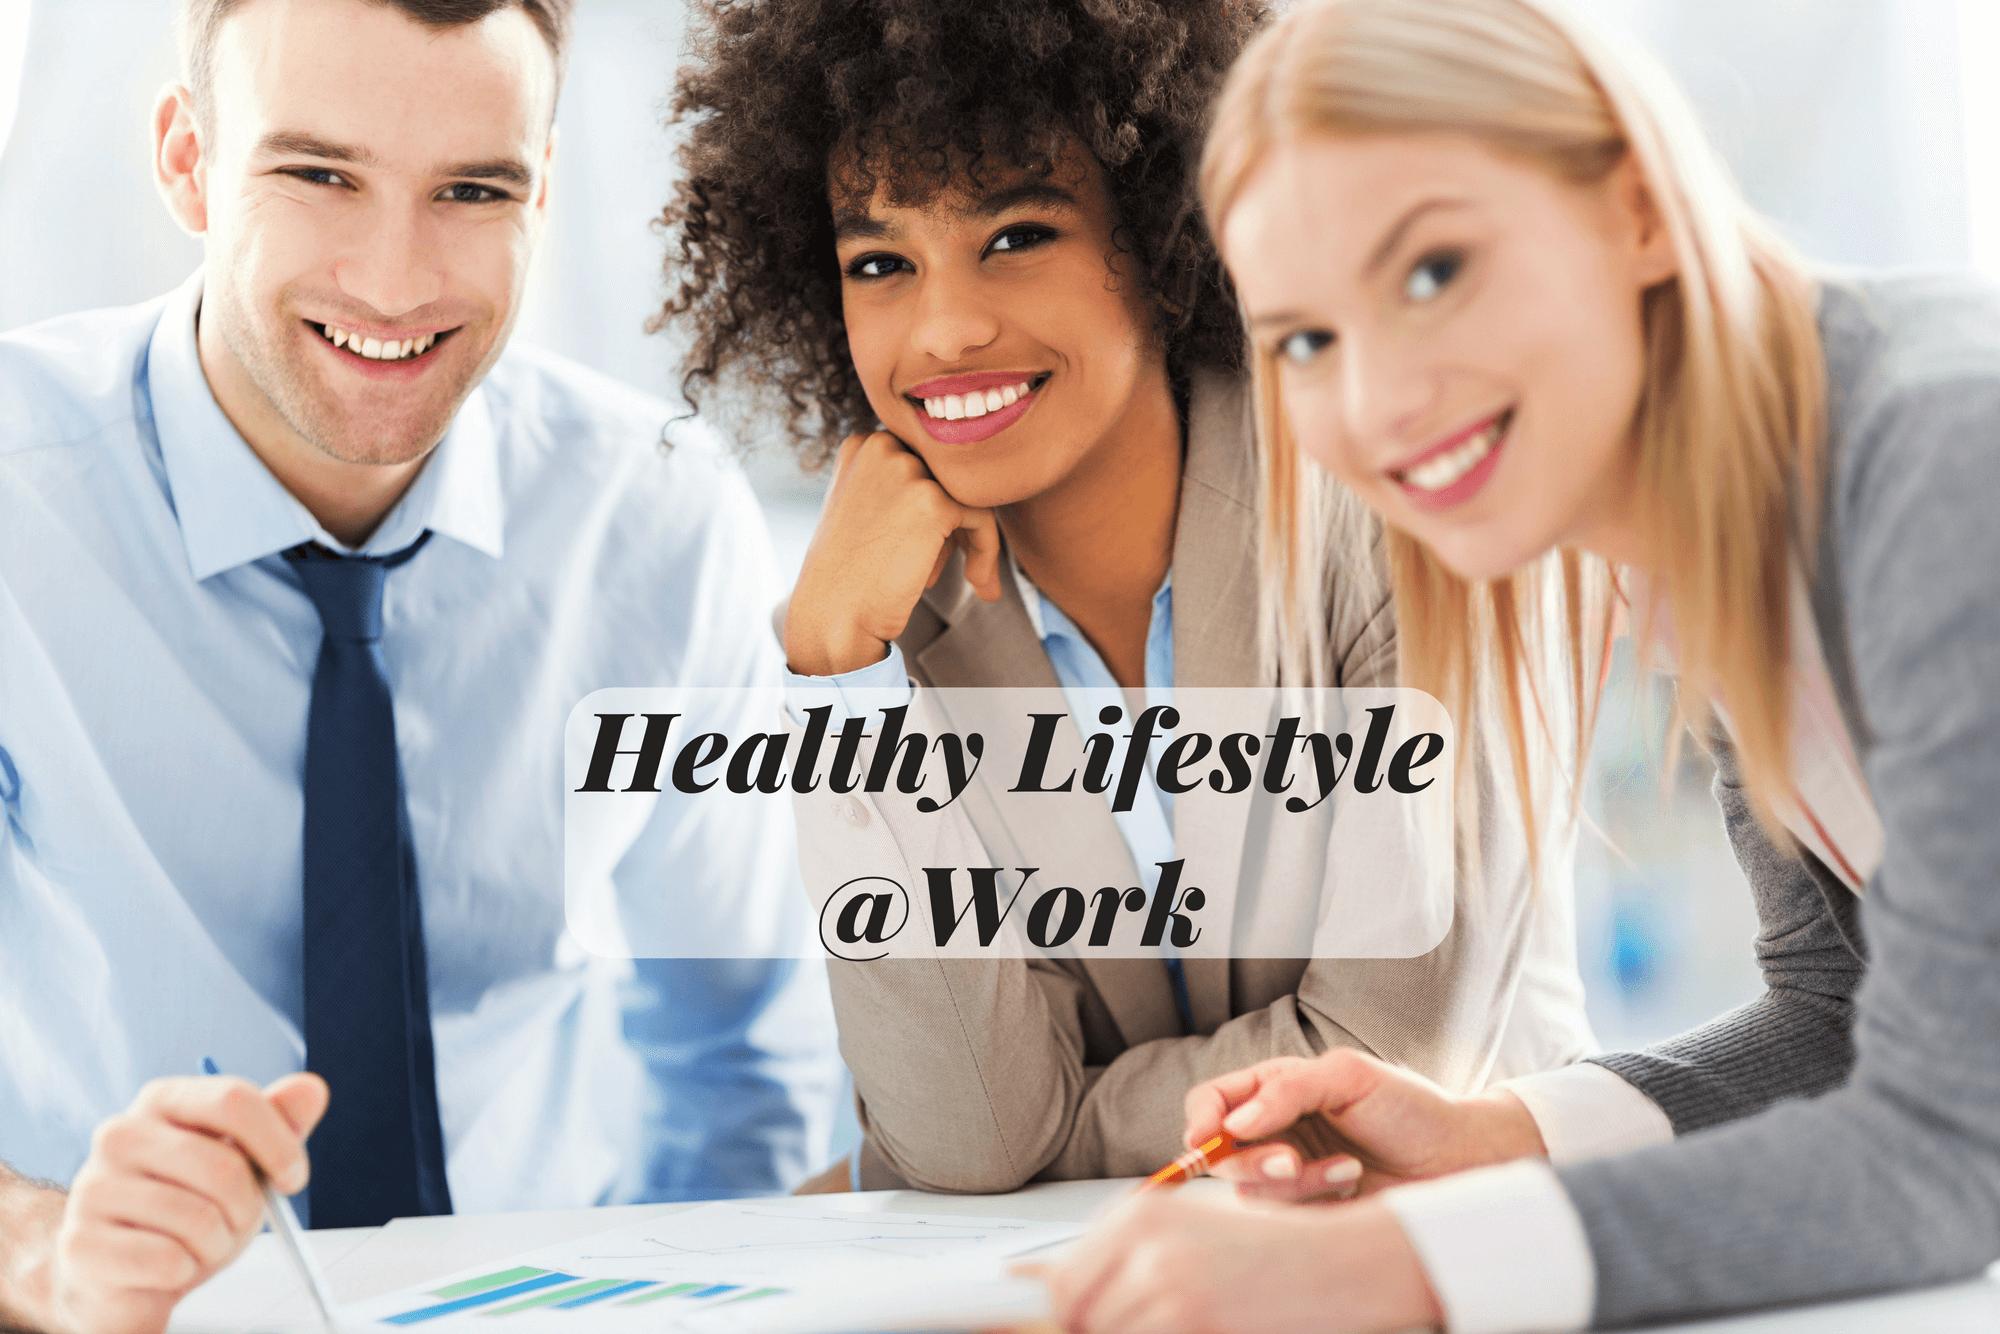 Viva la Vive Healthy-en-Sexy-Lifestyle-Viva-la-Vive-Vivian-Acquah Home    Viva la Vive, Viva-la-Vive-Healthy-Lifestyle-at-work-op-het-werk-Vivian-Acquah, Home, tegory, Vivian Acquah, Nutrition AdvocateViva la Vive Viva-la-Vive-Healthy-Lifestyle-at-work-op-het-werk-Vivian-Acquah Home    %site_name, %name, %title, tegory, Vivian Acquah, Nutrition Advocate